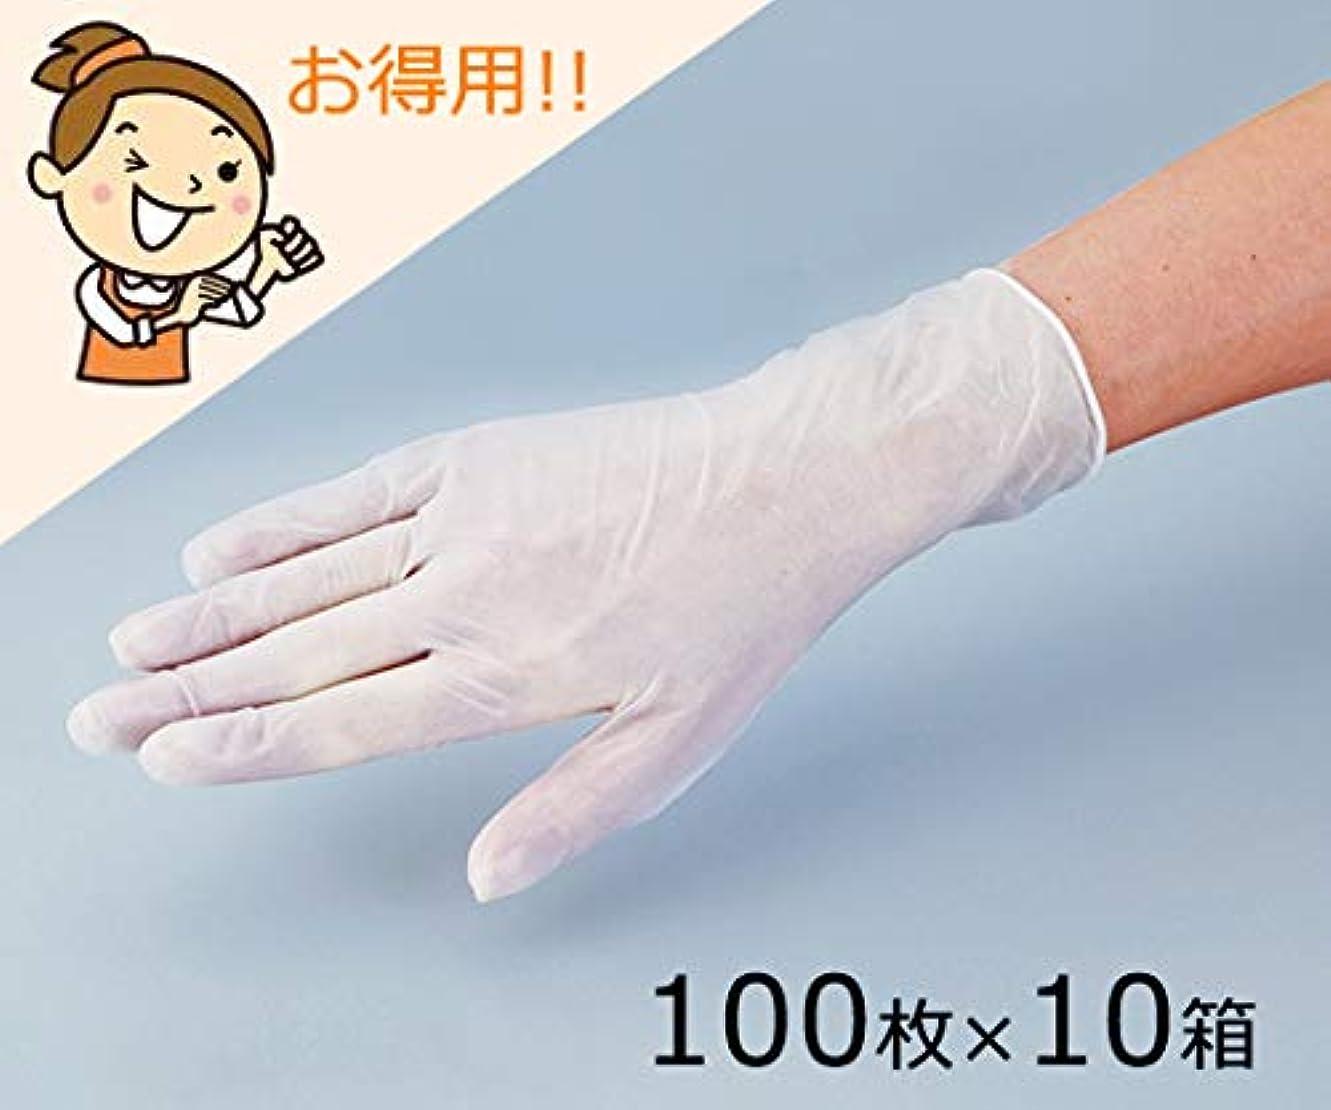 キャラクター貢献ダーリンアズワン7-2396-13ケアプラスチック手袋(パウダーフリー)S1ケース(100枚/箱×10箱入)